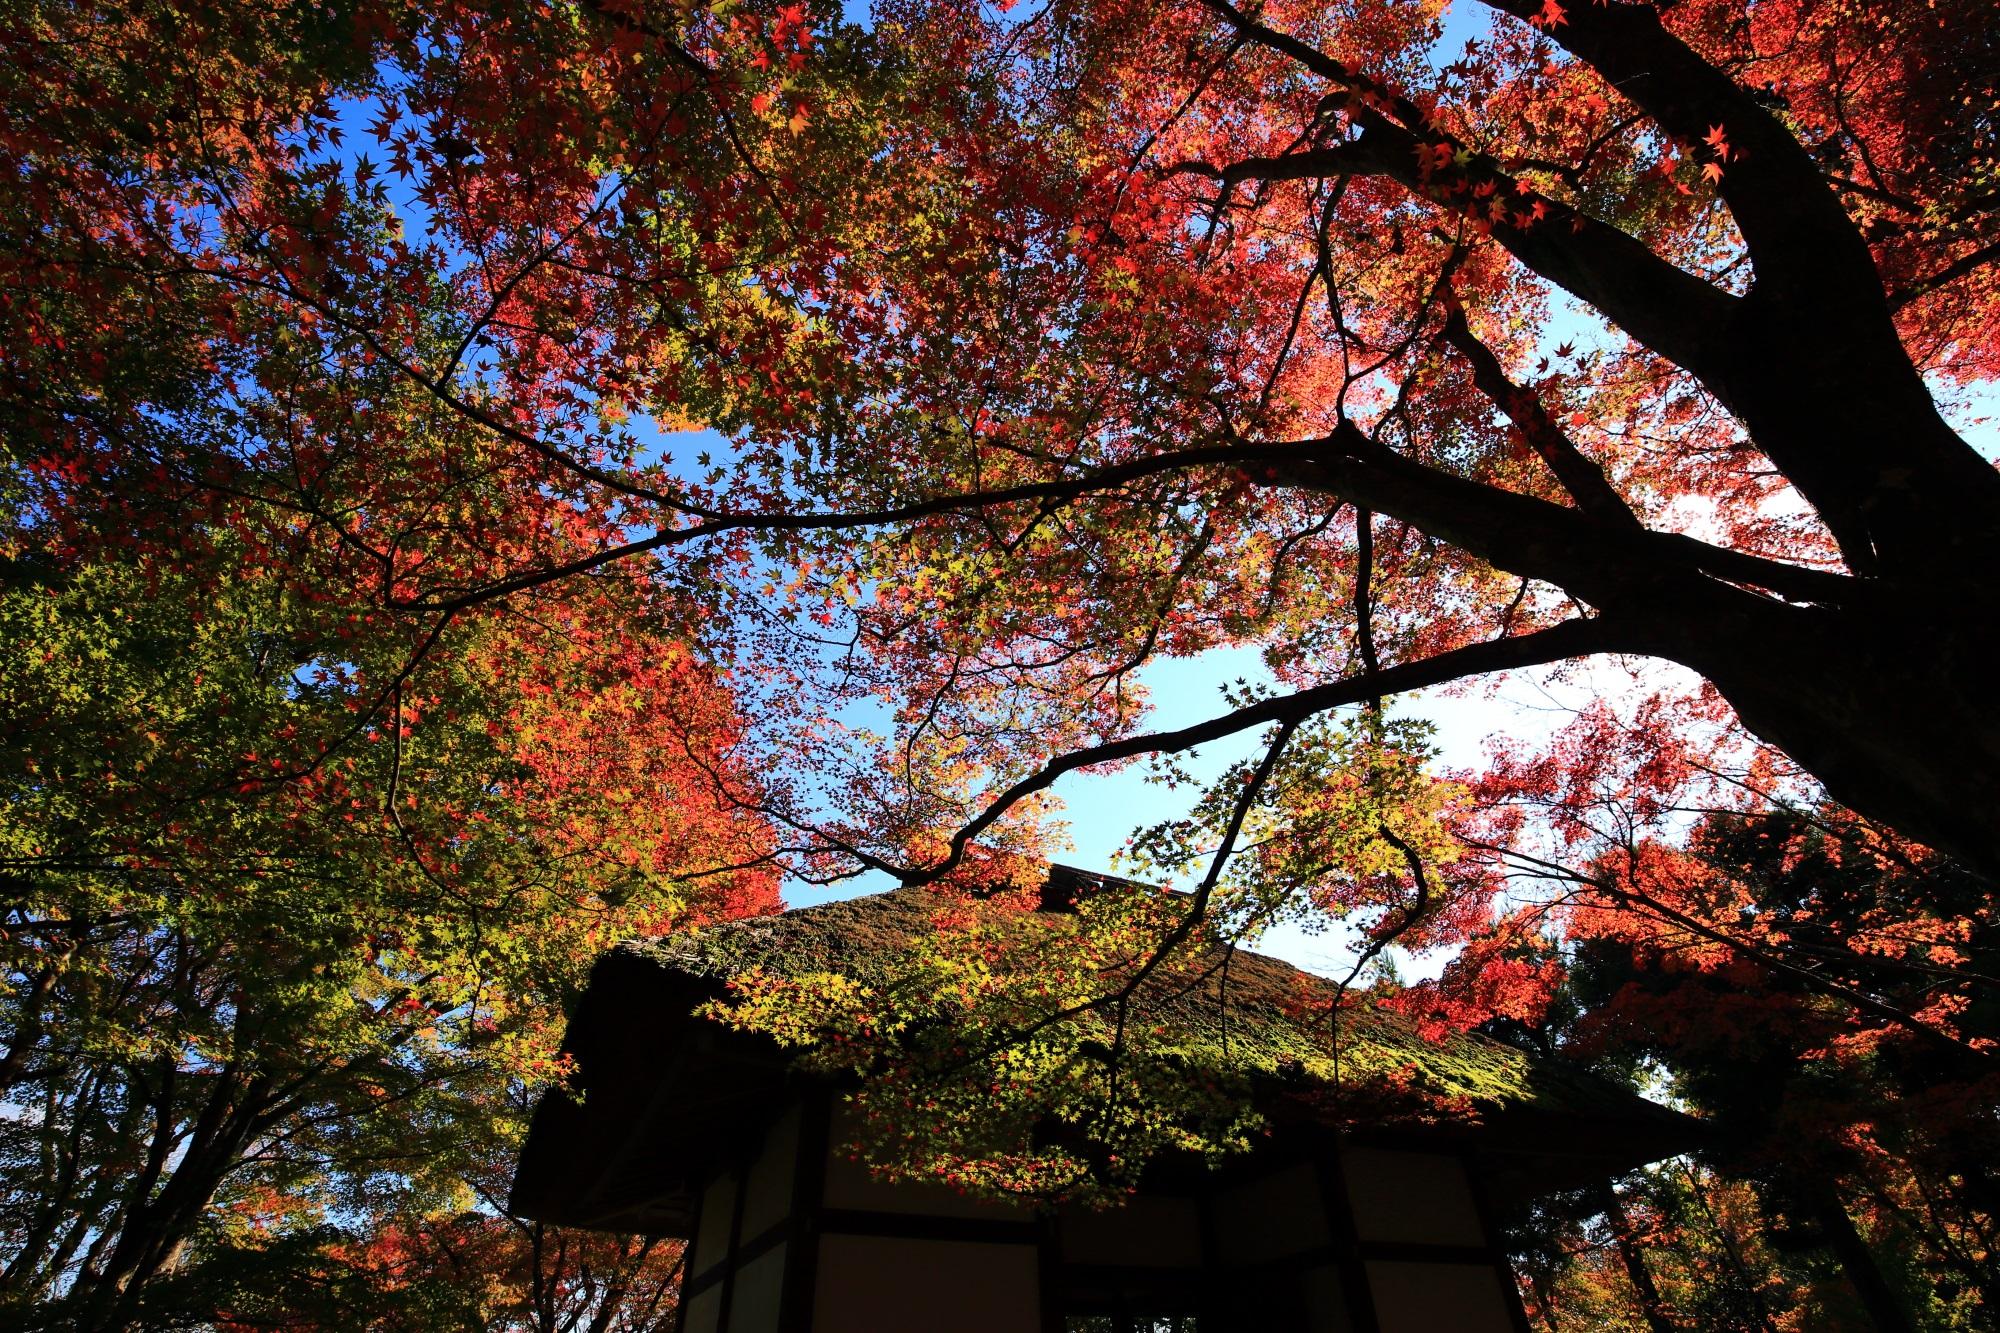 常寂光寺の仁王門と見ごろの鮮やかな紅葉